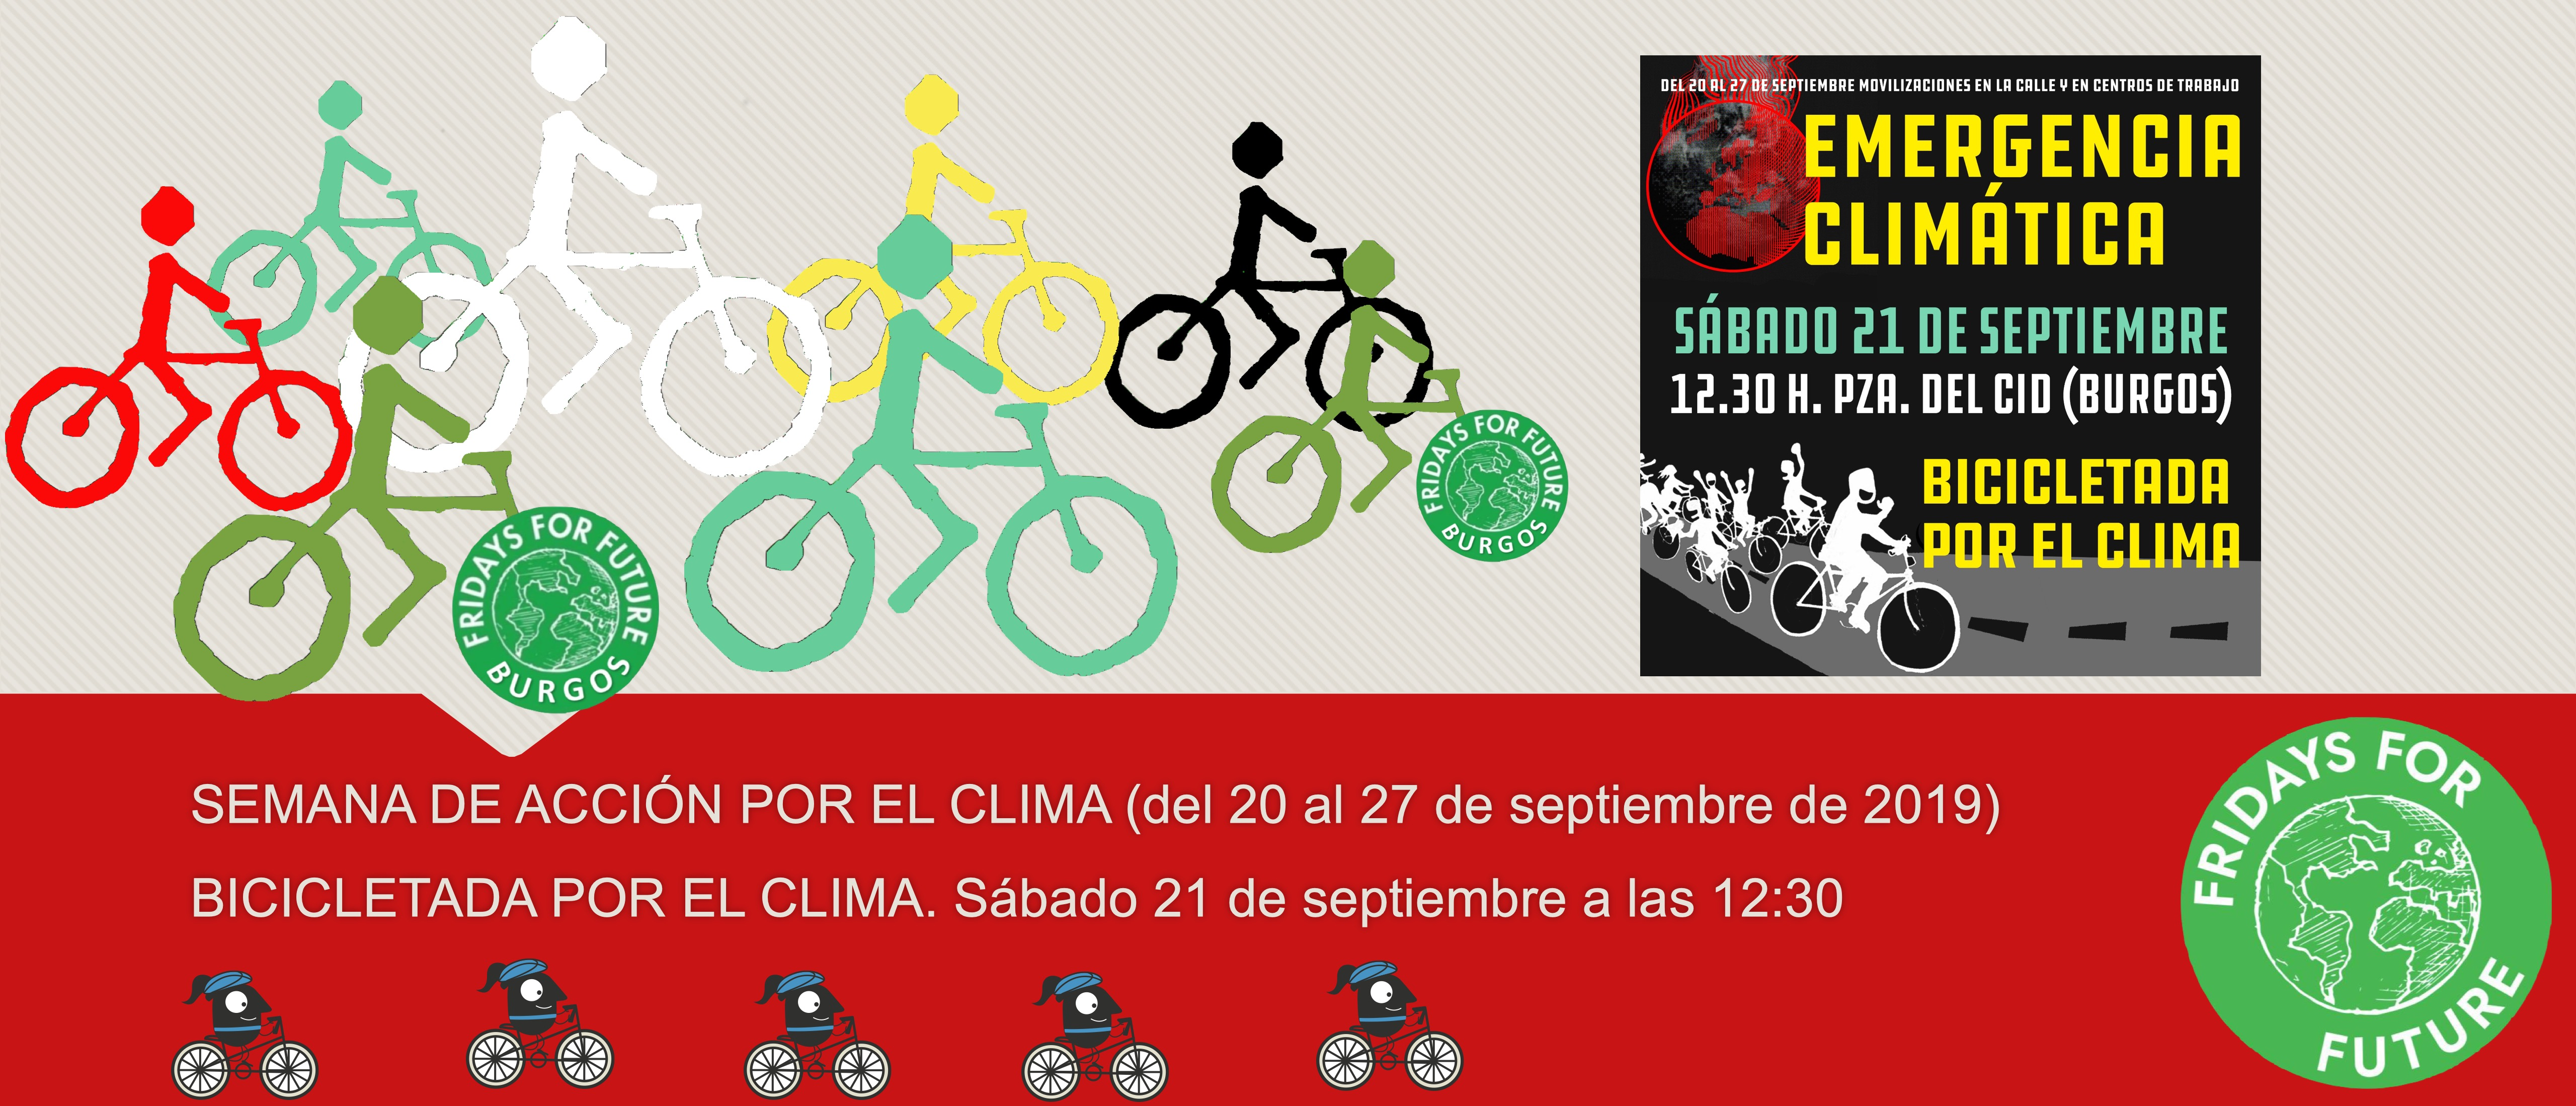 Sábado 21 de septiembre de 2019. Salida a las 12:30 desde la plaza del cid de Burgos